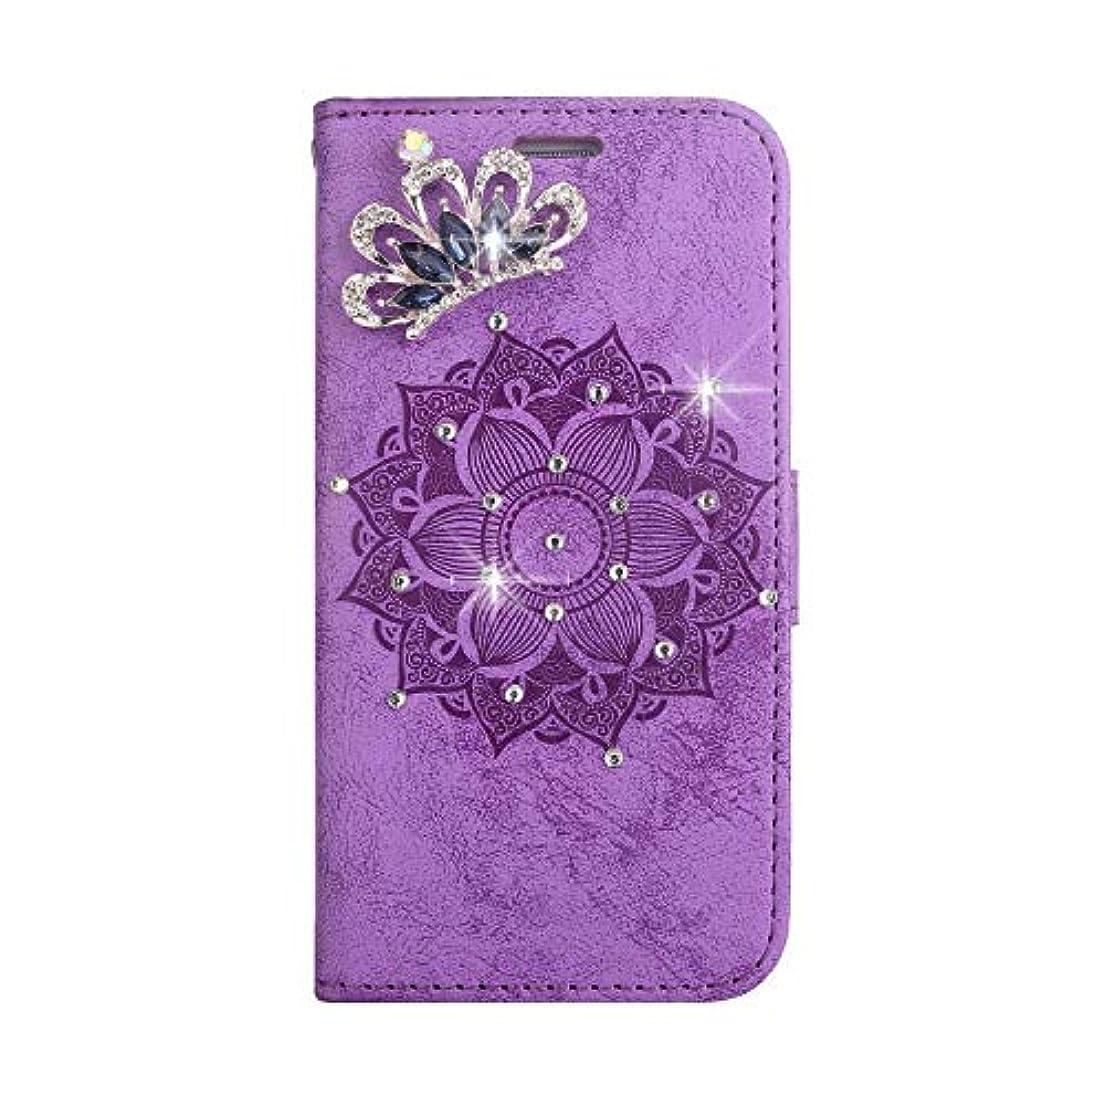 かなりの冷笑するレザーOMATENTI Galaxy S6 ケース, ファッション人気ダイヤモンドの輝きエンボスパターン PUレザー 落下防止 財布型カバー 付きカードホルダー Galaxy S6 用,紫色